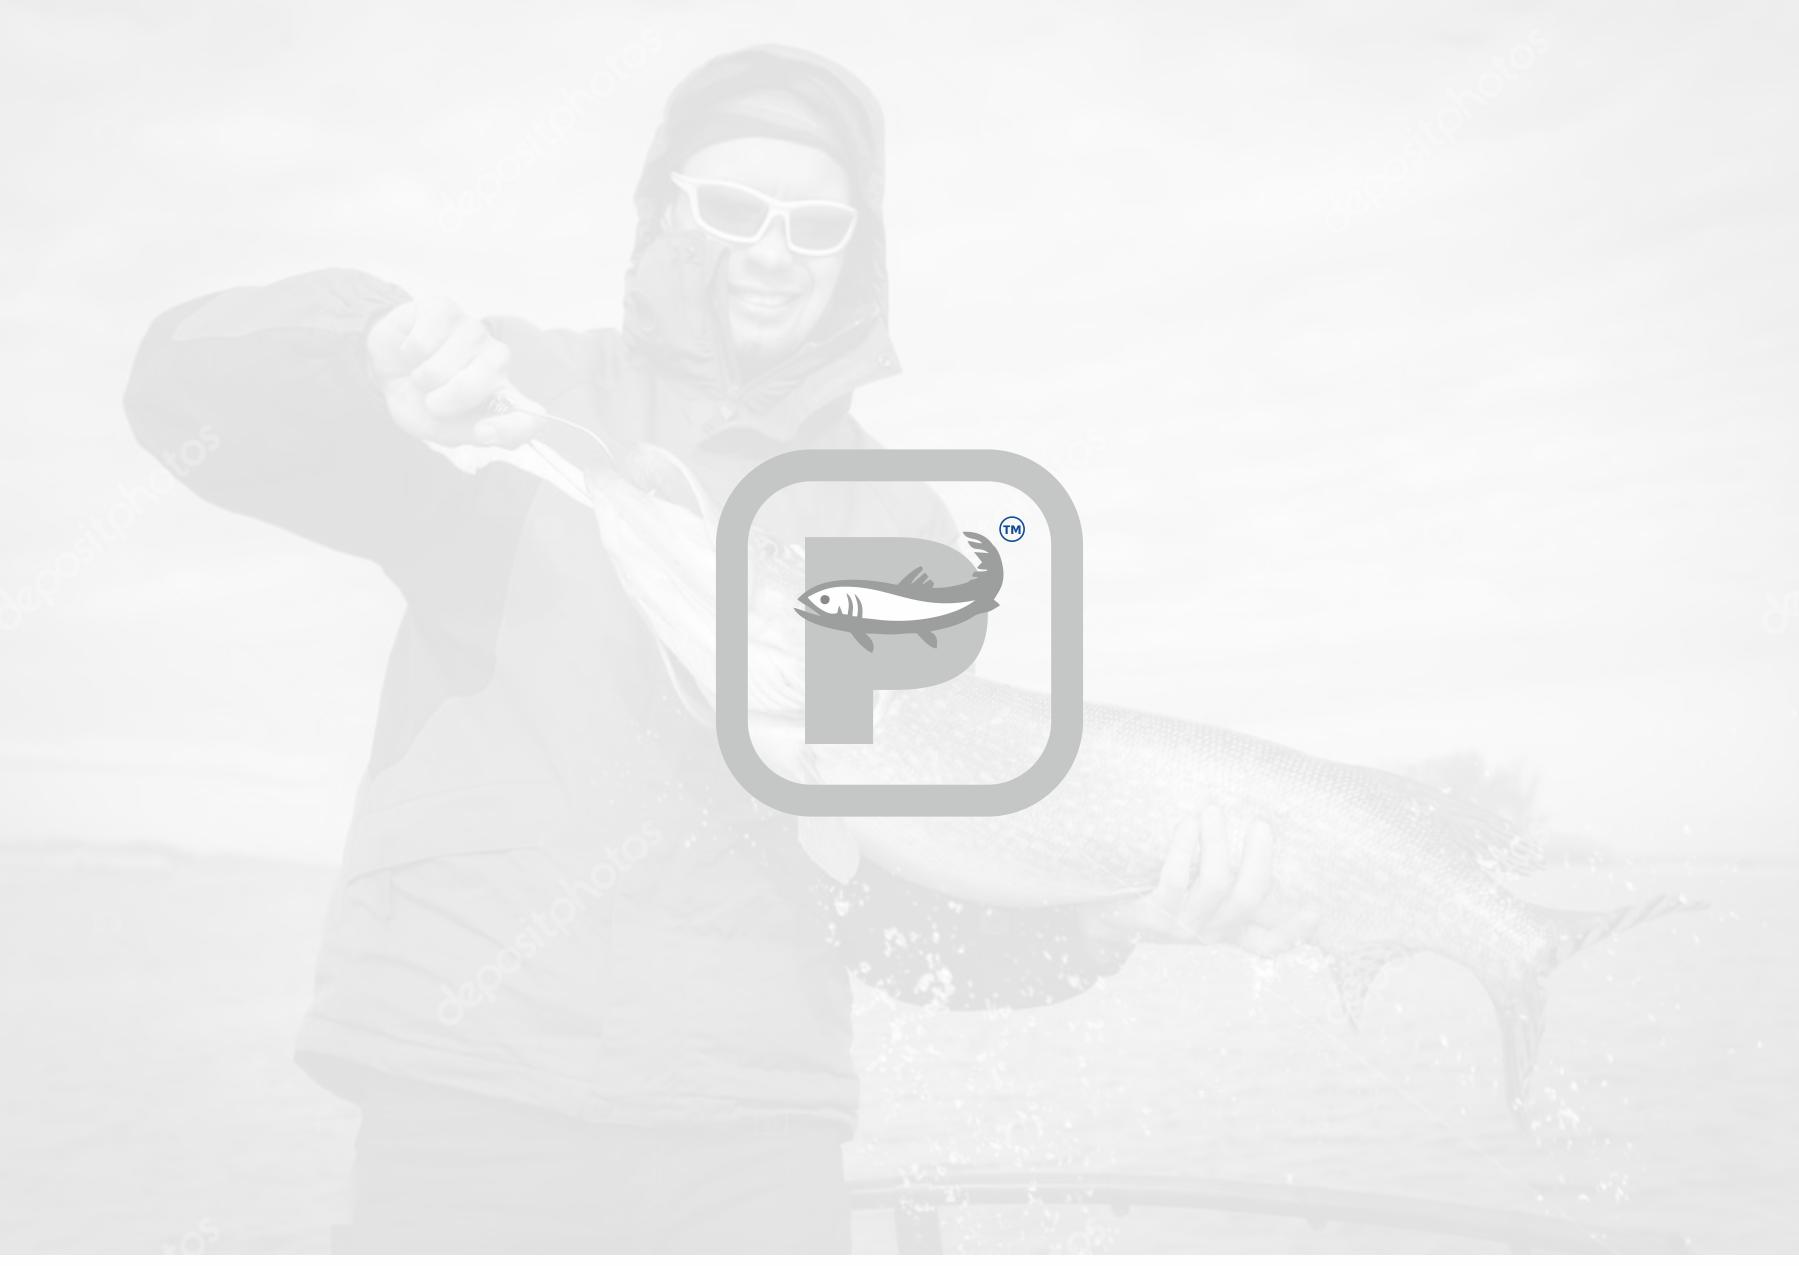 Создание логотипа и брэндбука для компании РЫБКОМ фото f_2345c124b5d7eaa0.png